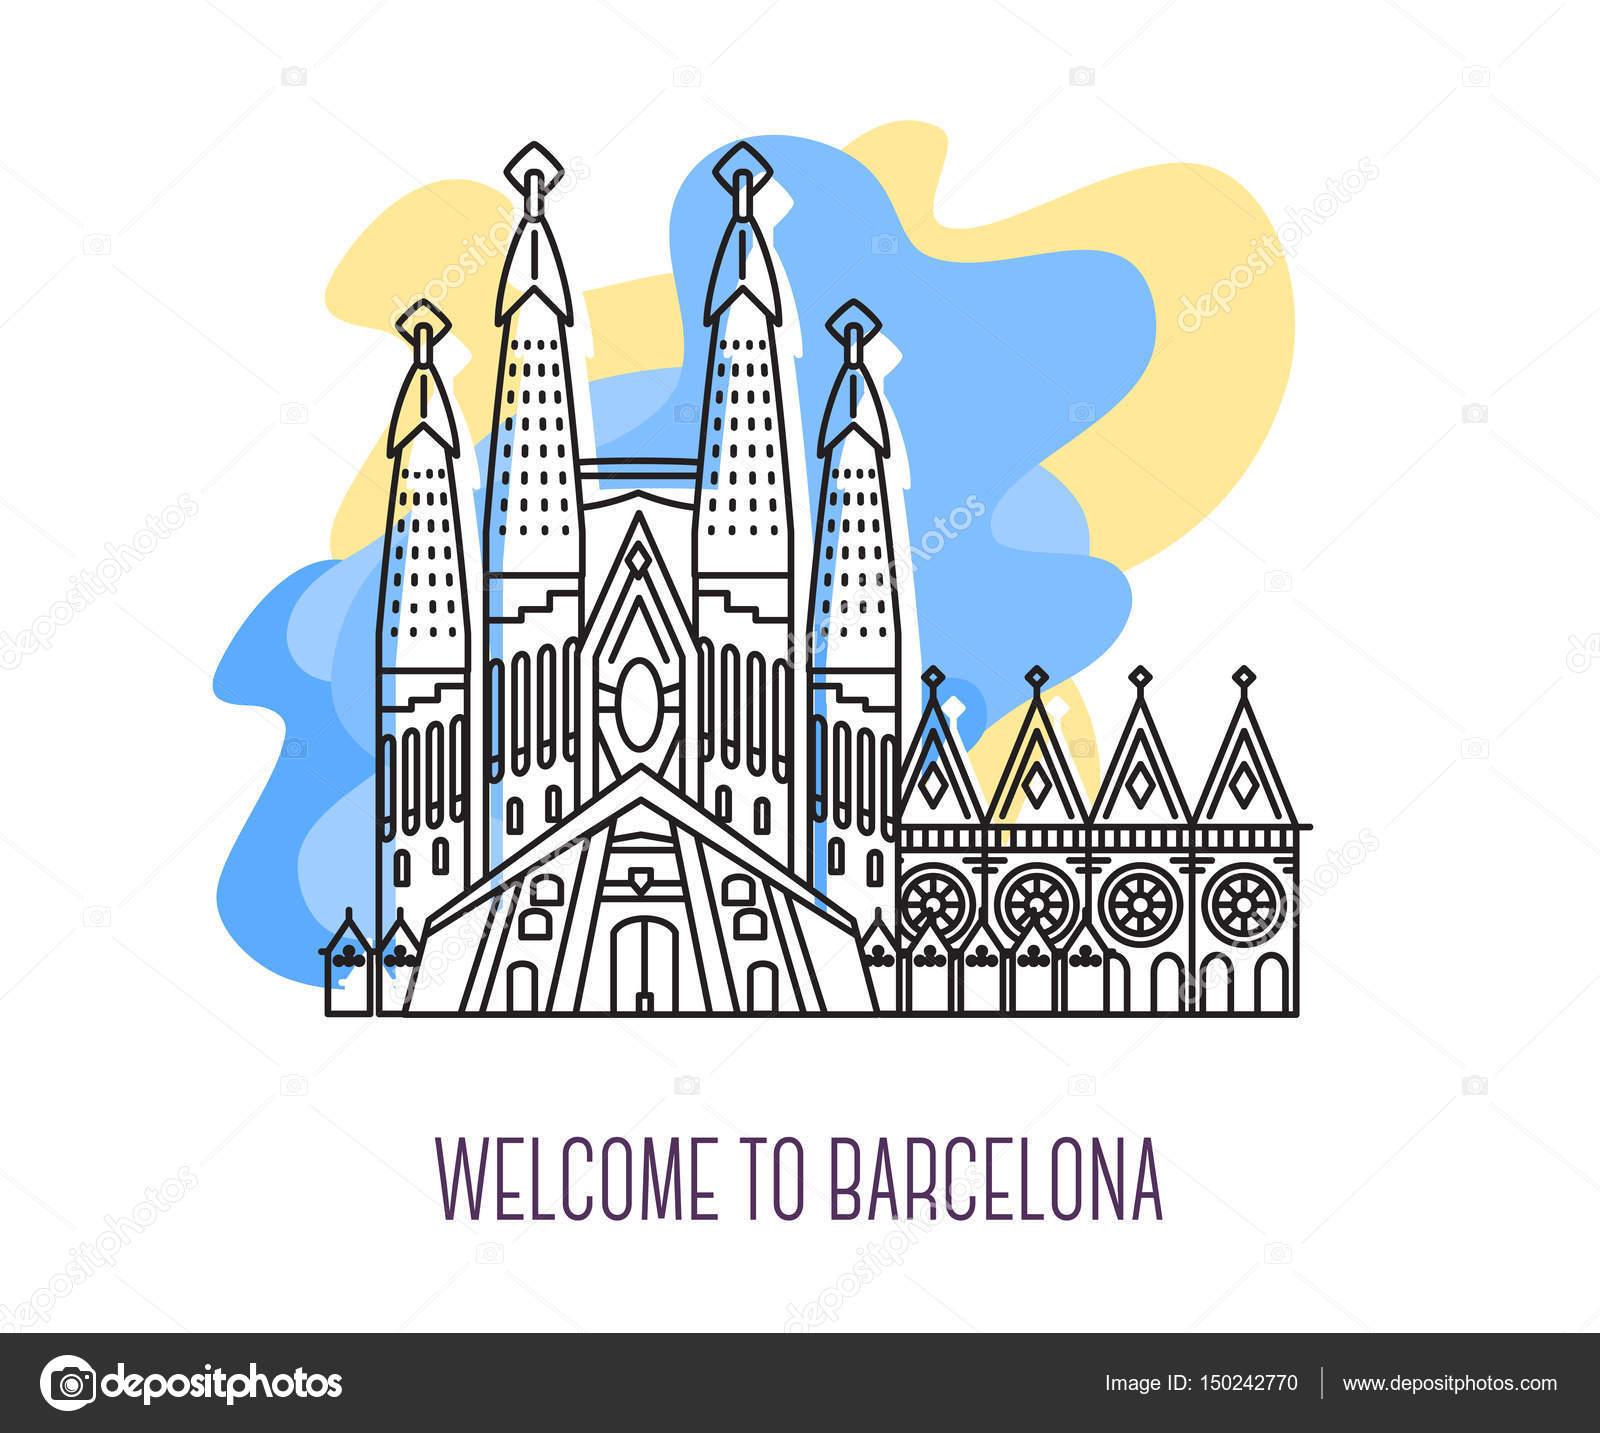 サグラダ ファミリアのベクター イラストですバルセロナのランド